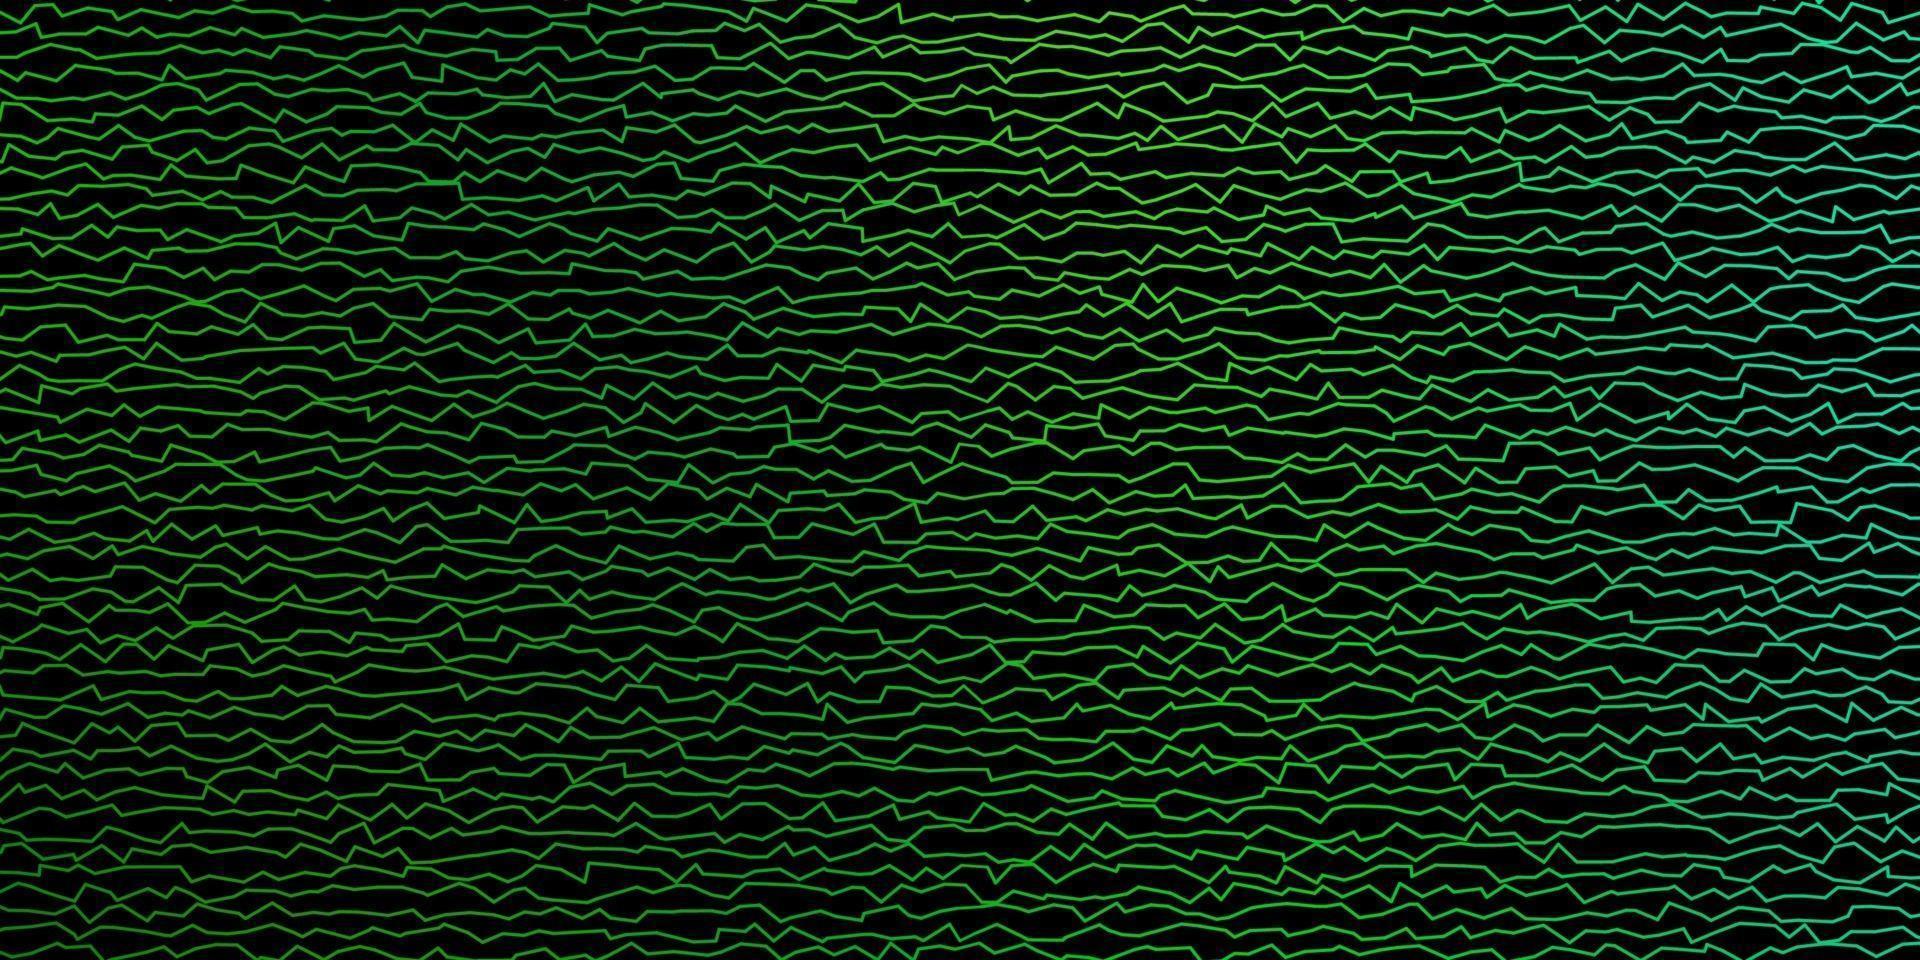 mörkblå, grönt vektormönster med linjer. vektor